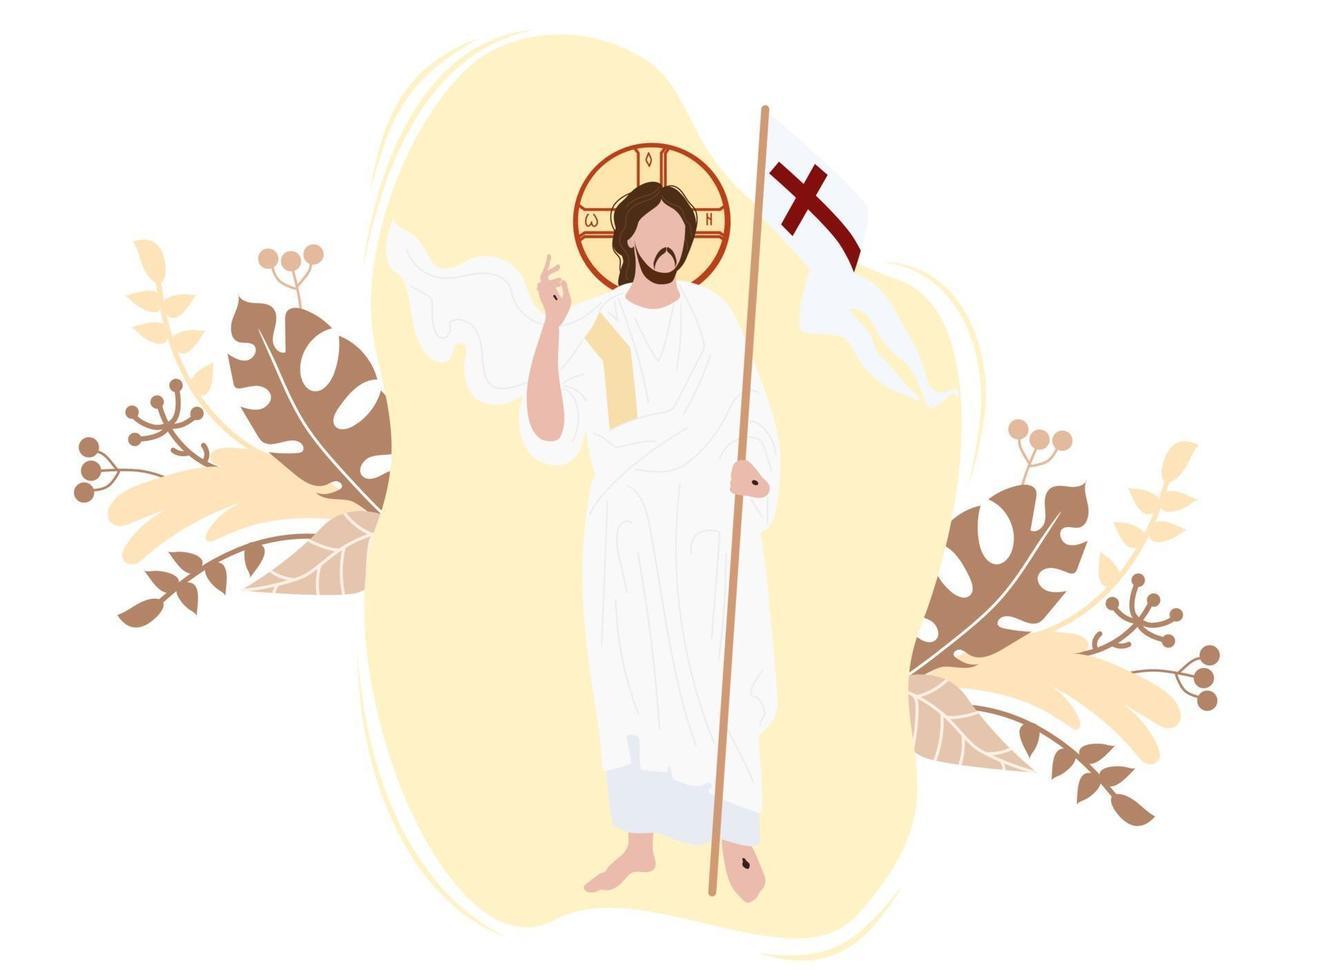 icône de la résurrection du christ. il a vaincu la mort et a été ressuscité. le christ se dresse avec le drapeau de la victoire sur fond à décor. illustration vectorielle vecteur